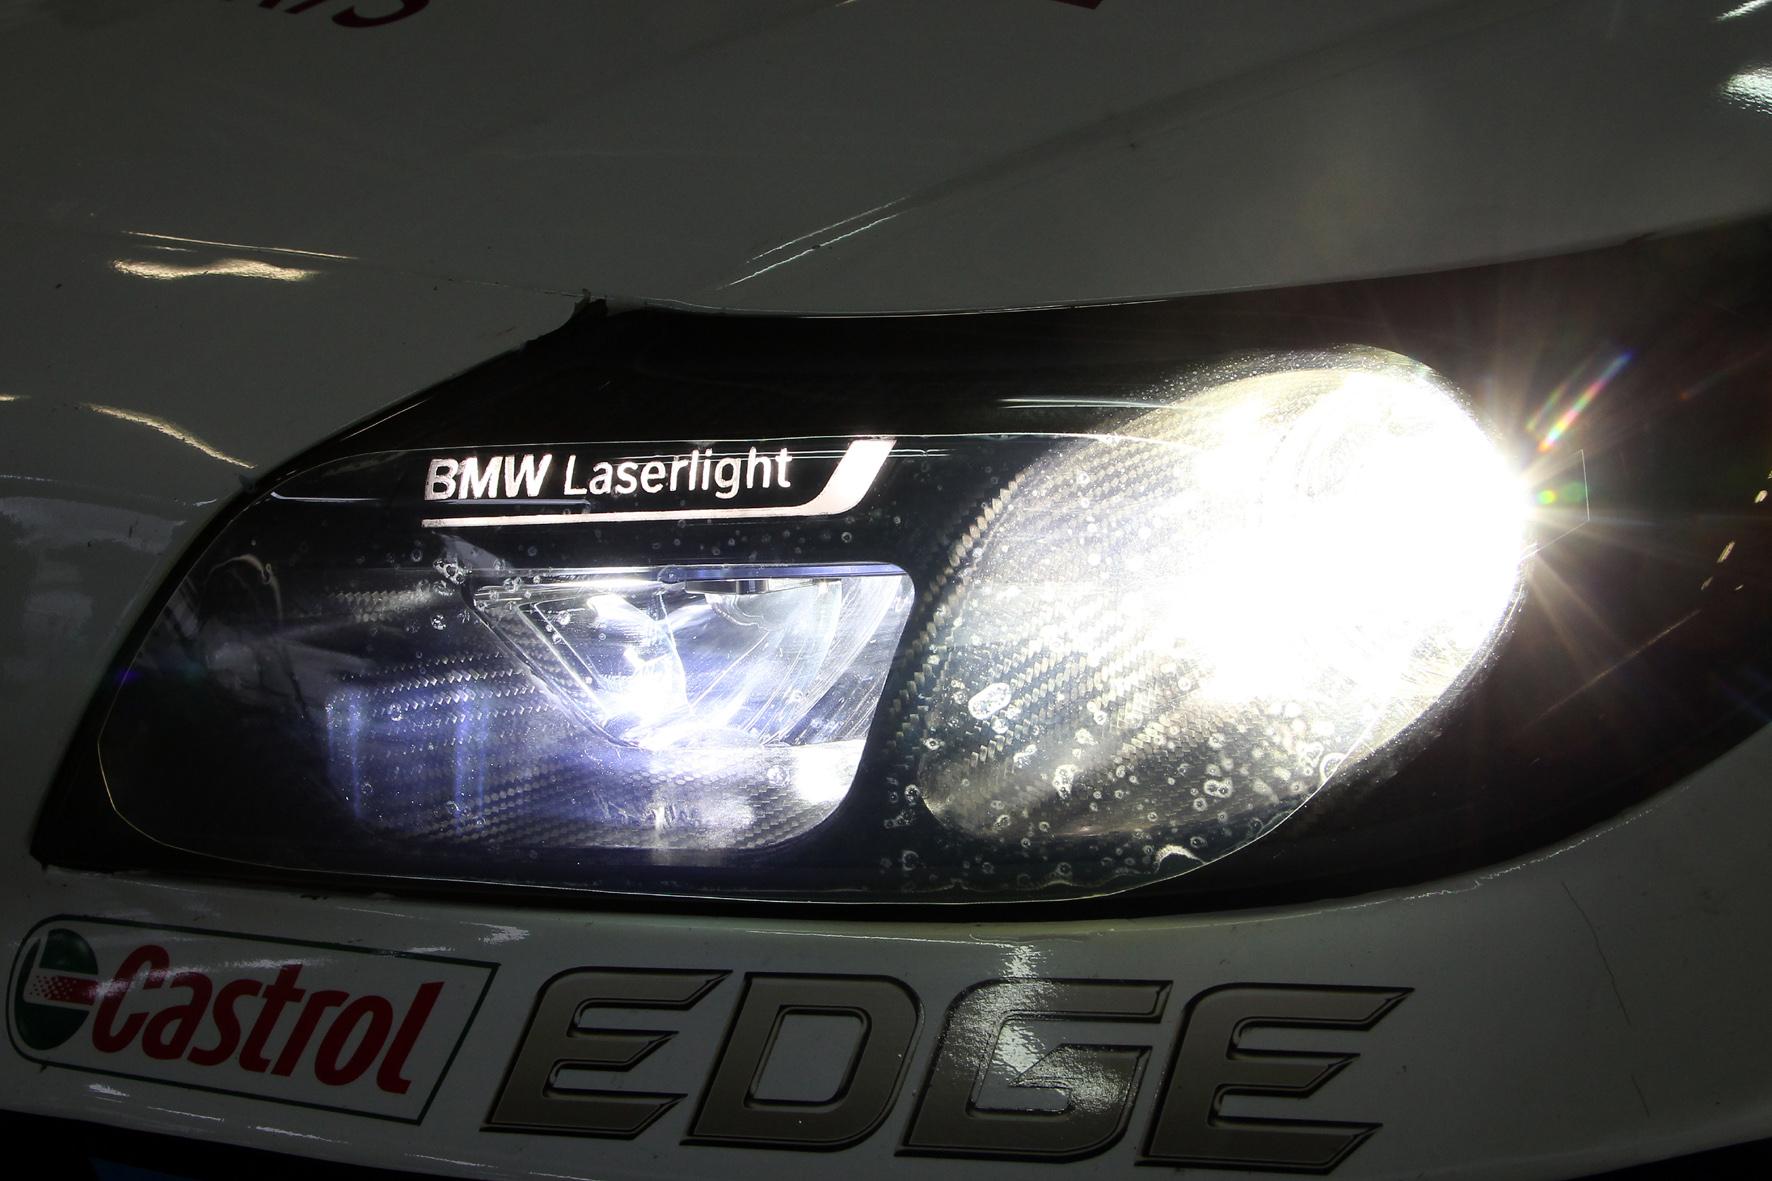 Laser-Licht beim Auto stellt alles in den Schatten